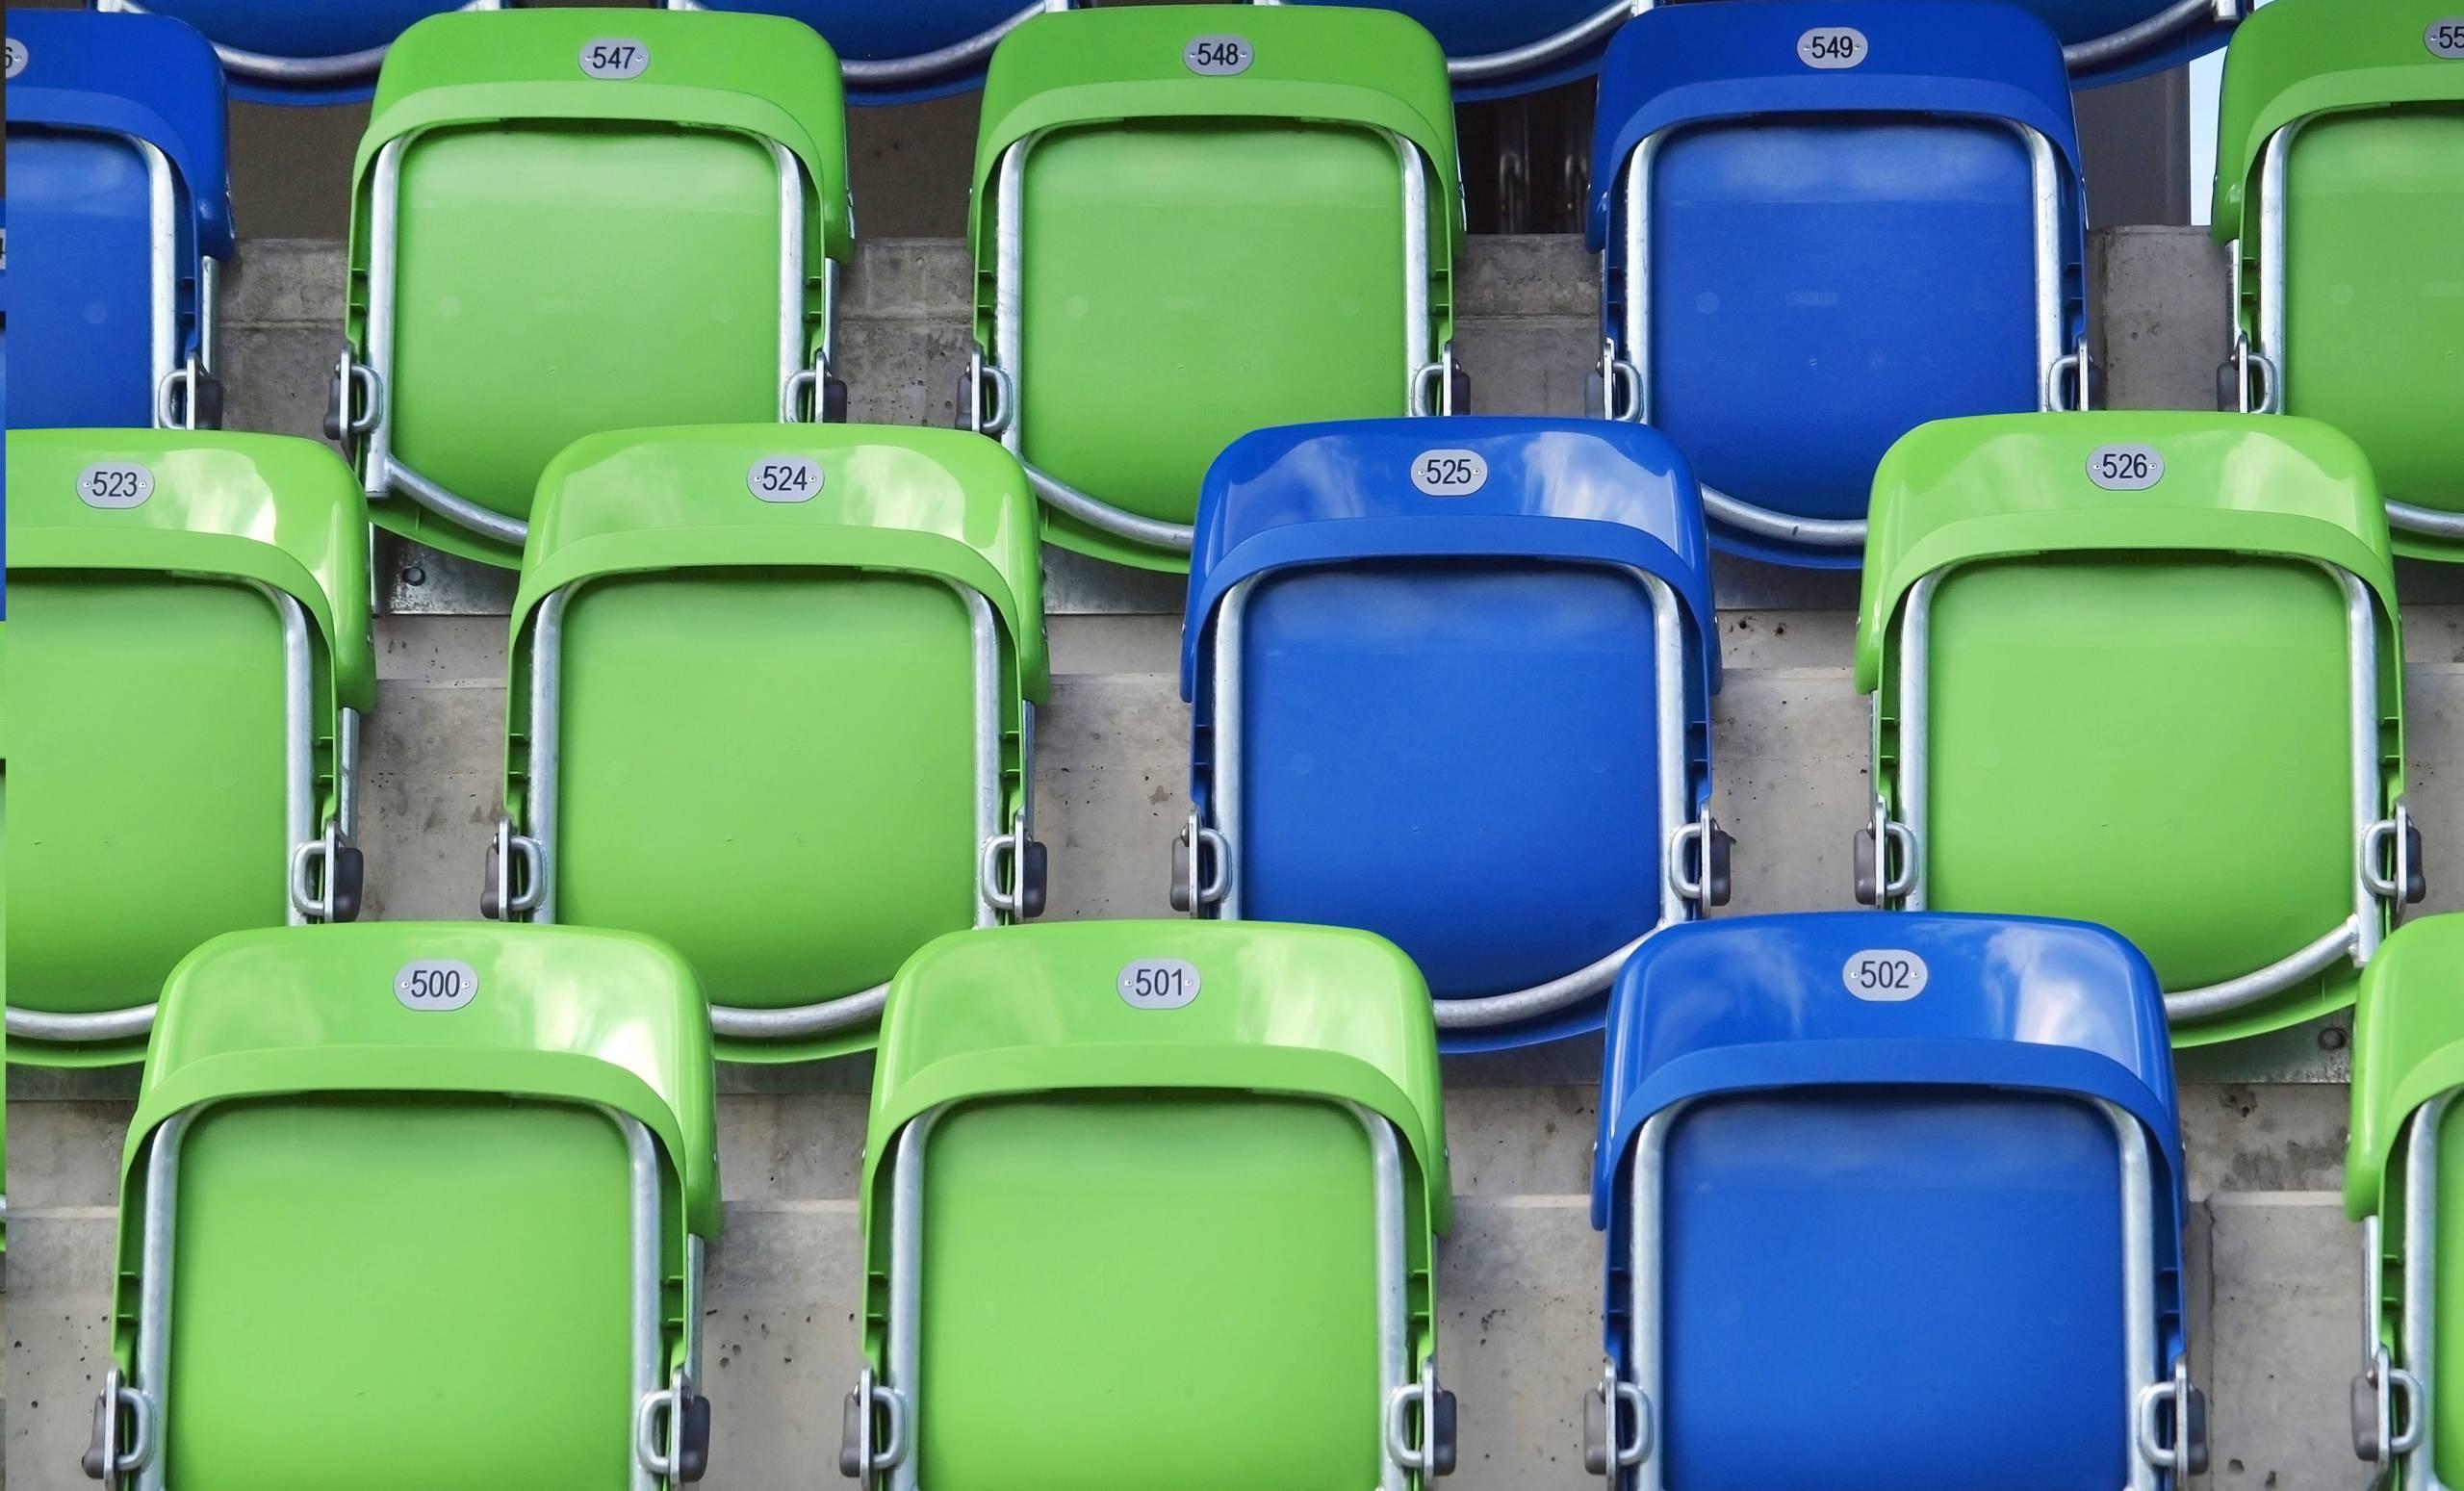 Photo of empty seats